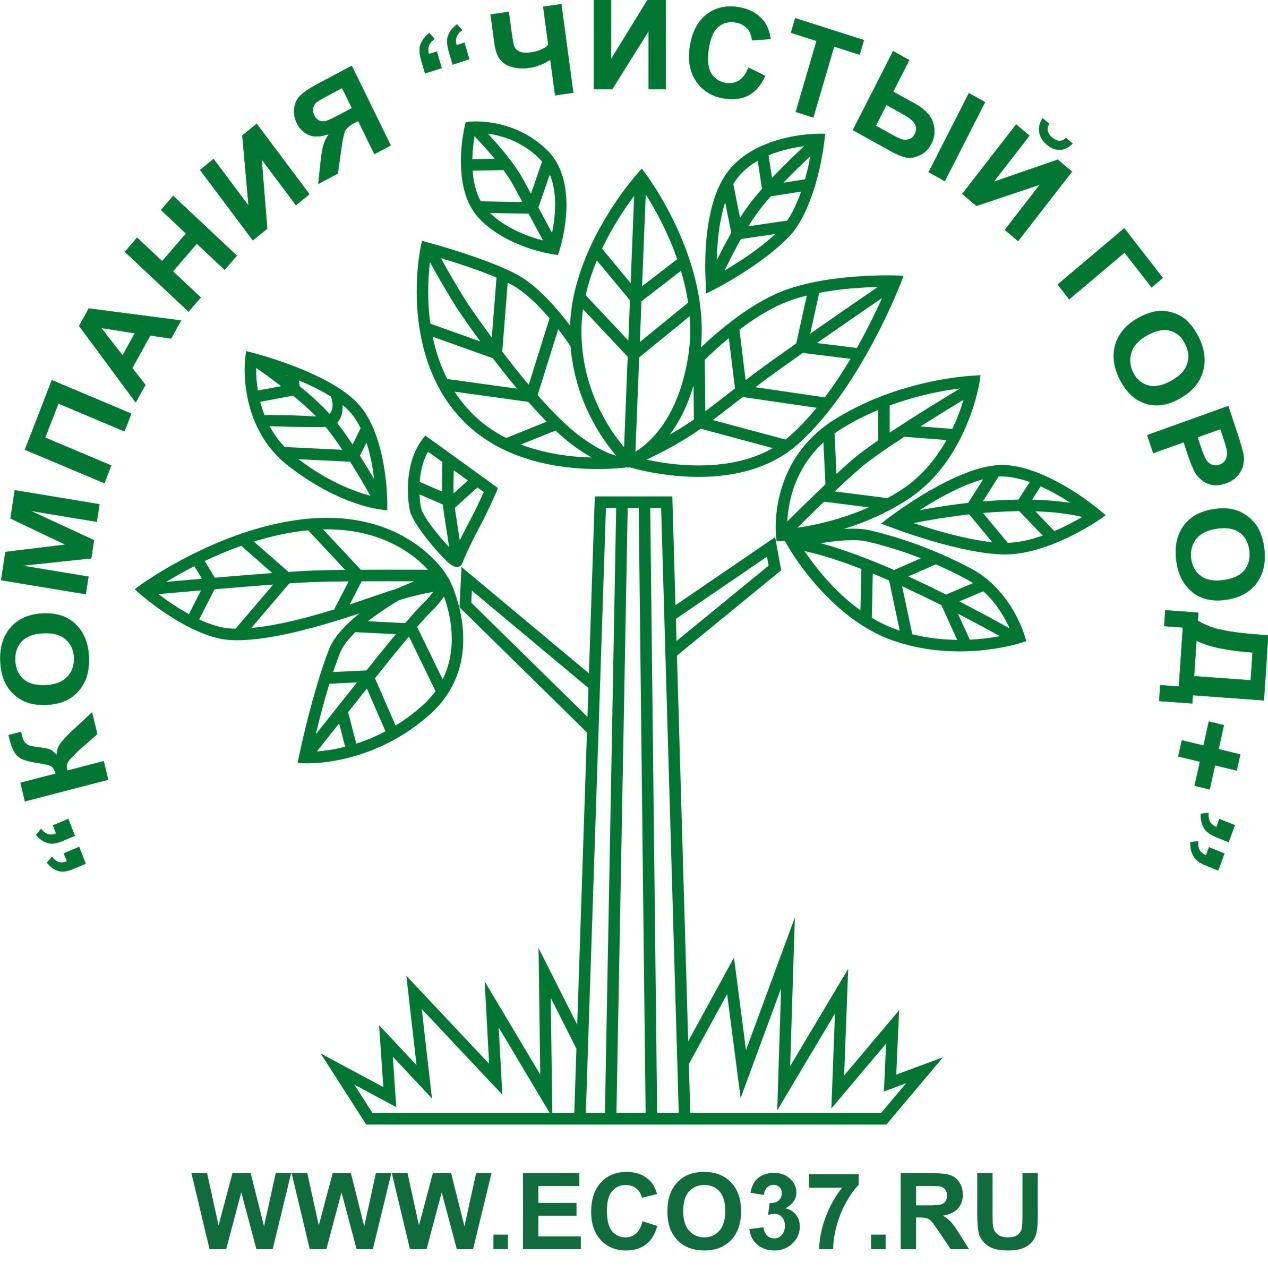 Экодруг - воспользоваться услугами в Иваново